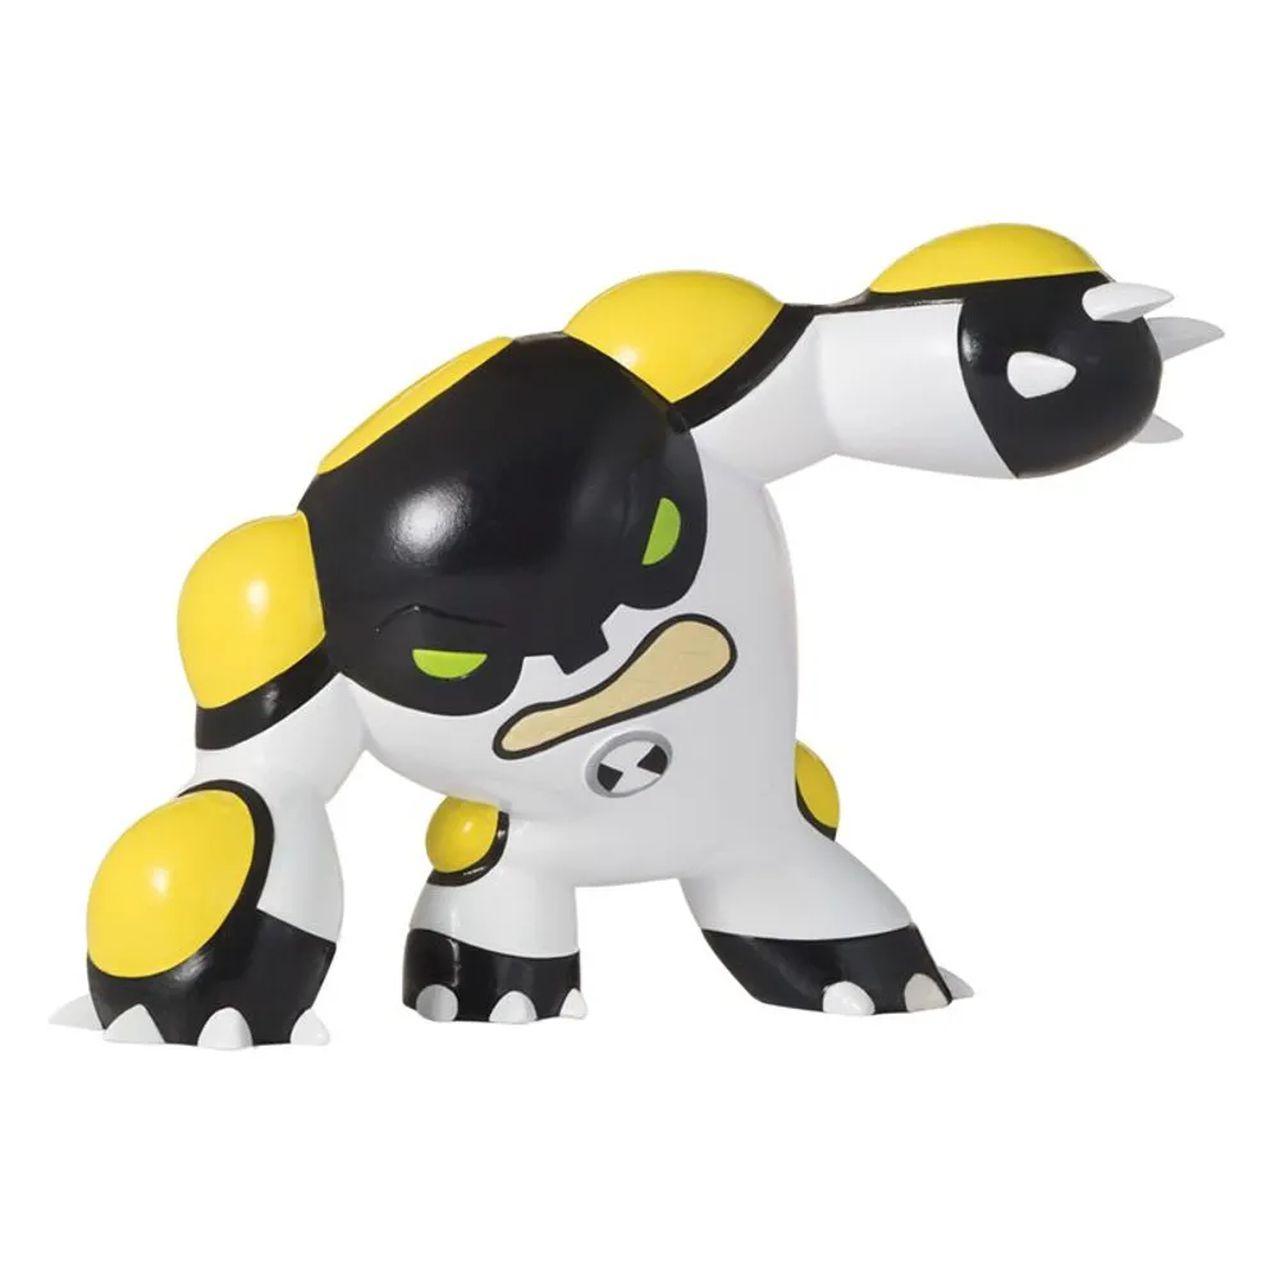 Mini Figuras Ben 10 - Boneco Bala de Canhão - Original Sunny